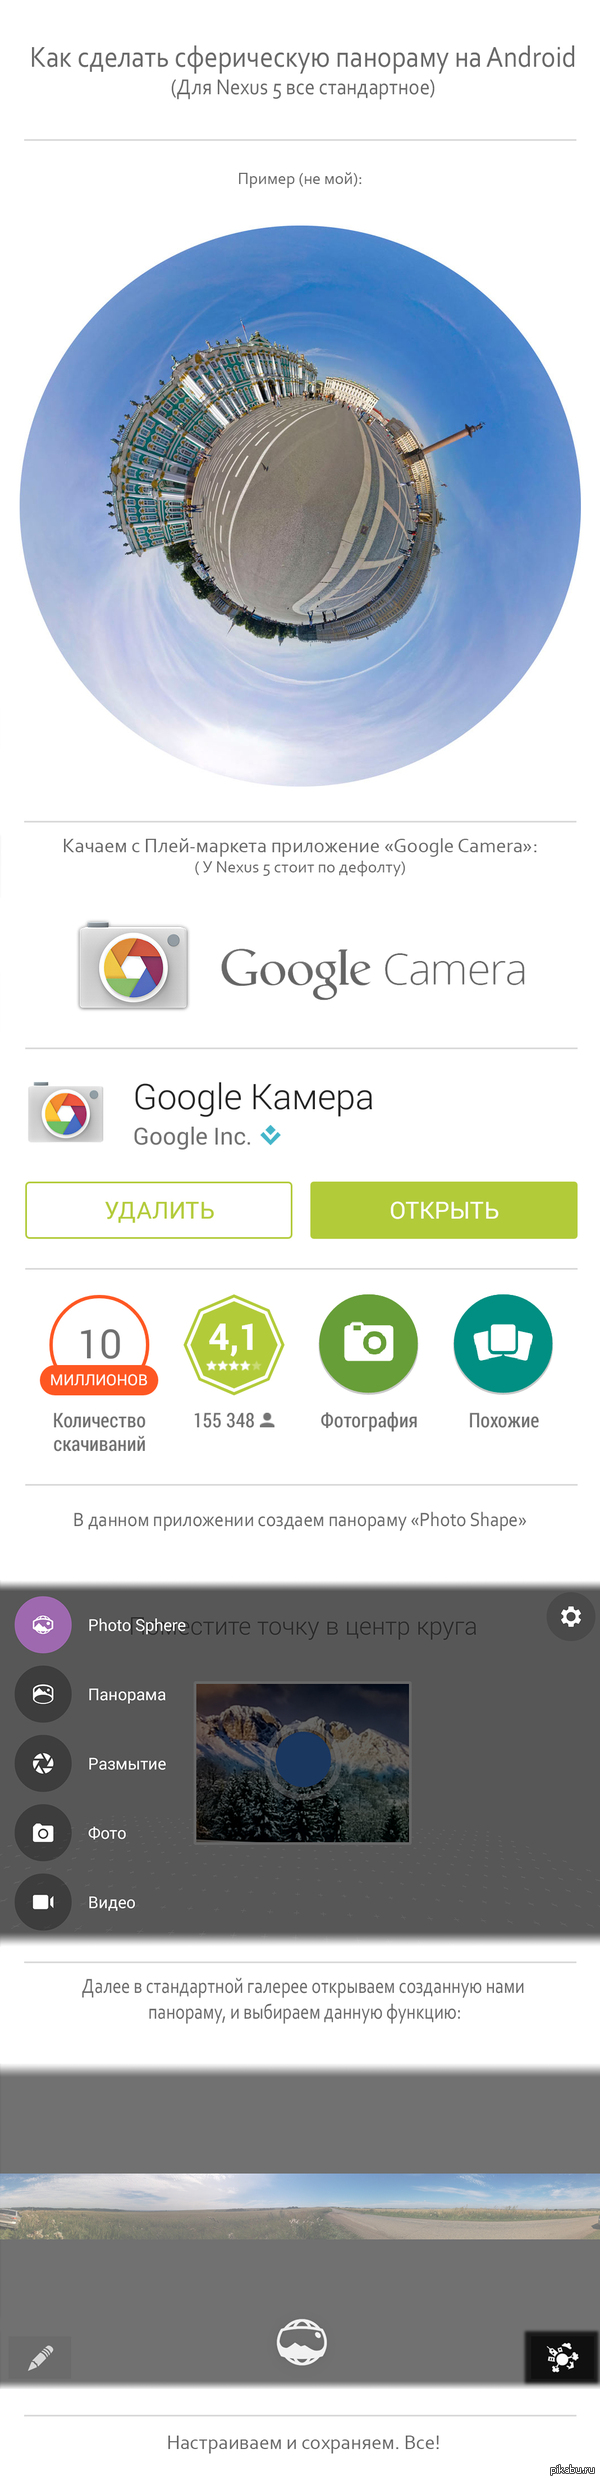 Как сделать сферическую панораму на Android